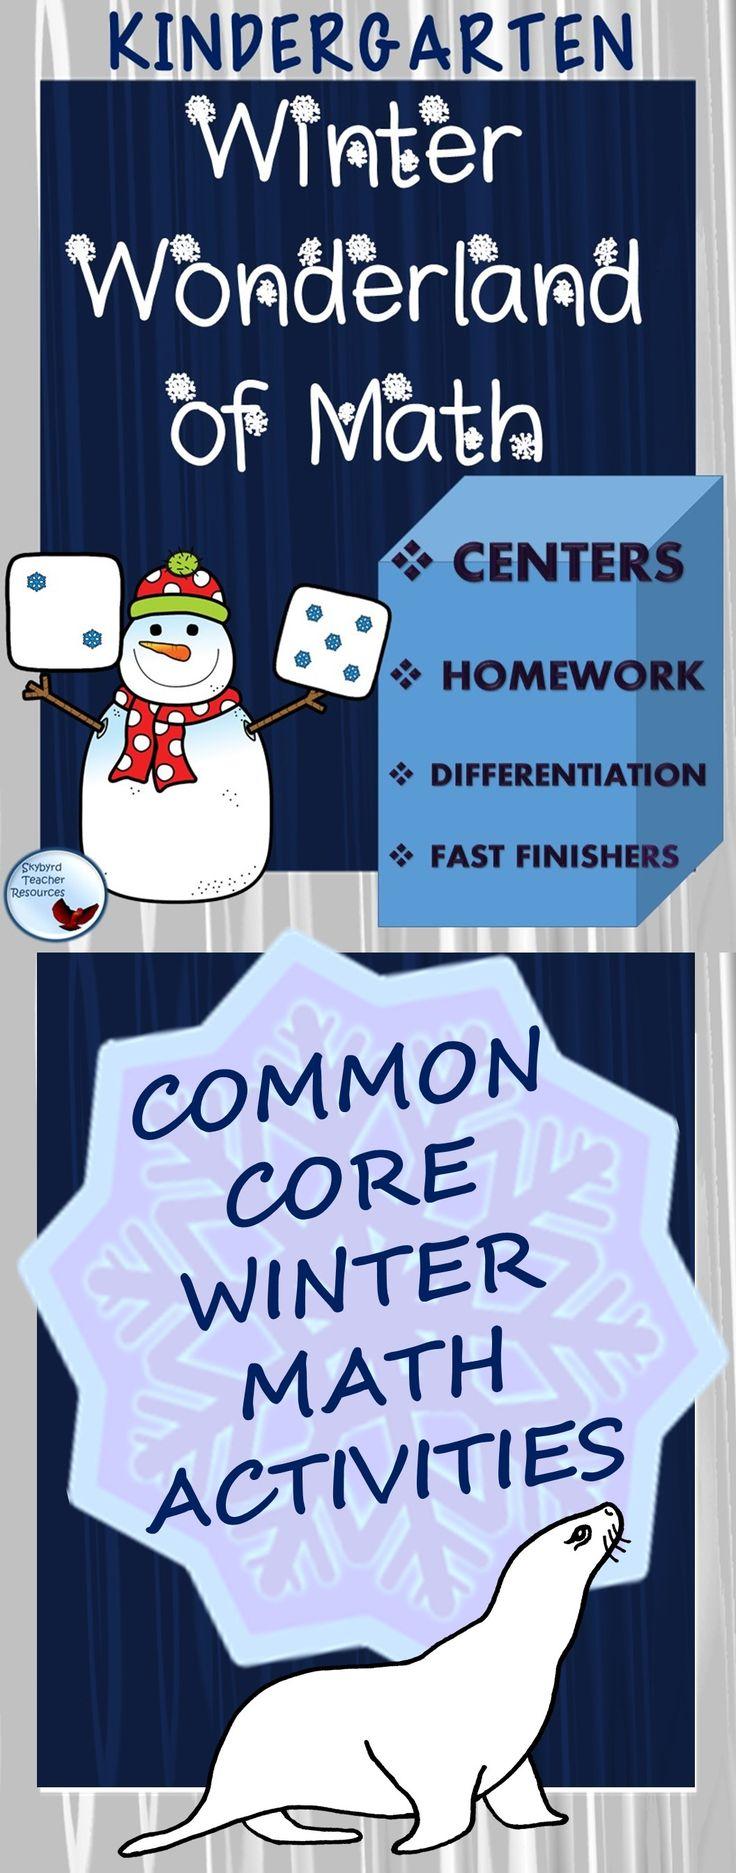 162 best Math Centers images on Pinterest | Kindergarten math, Maths ...